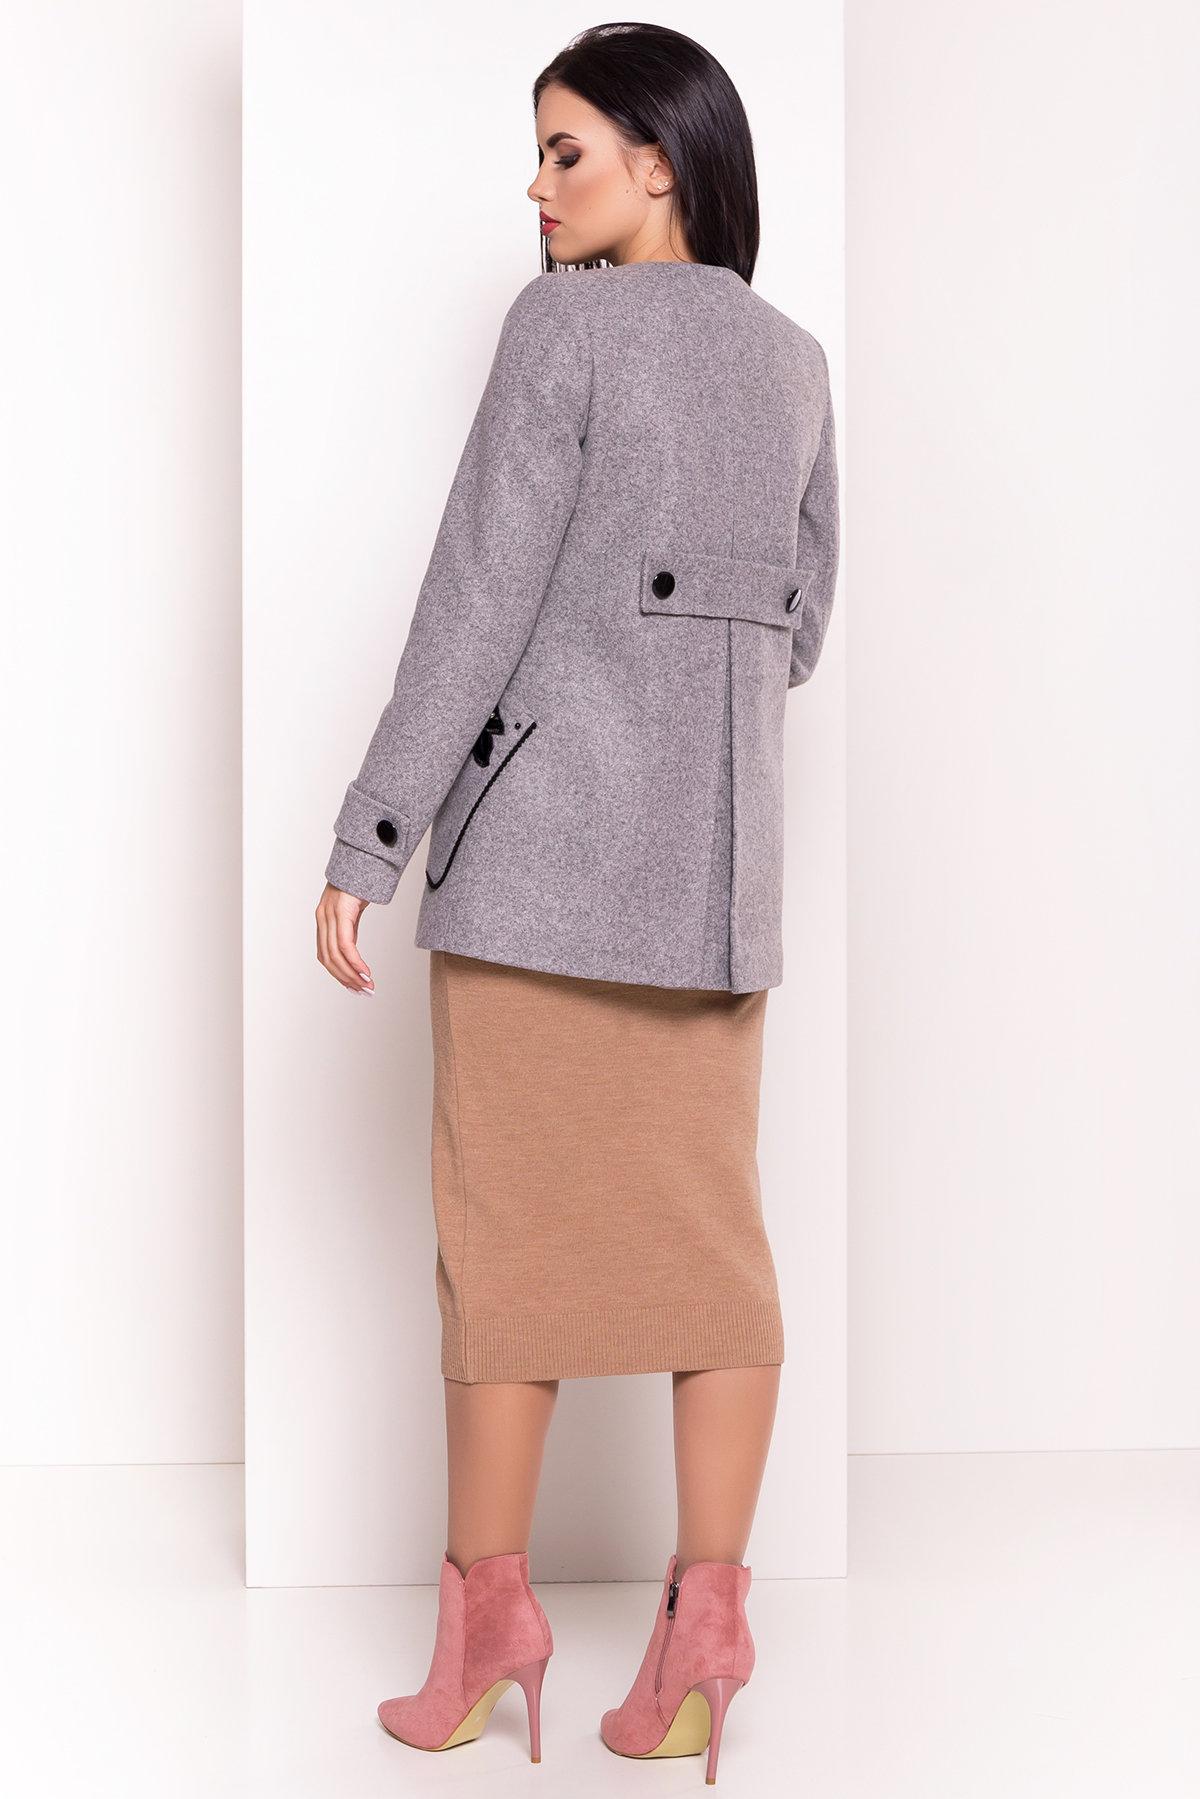 Укороченное пальто-трапеция с вышивкой Латта 5526 АРТ. 37158 Цвет: Серый Светлый 77 - фото 4, интернет магазин tm-modus.ru